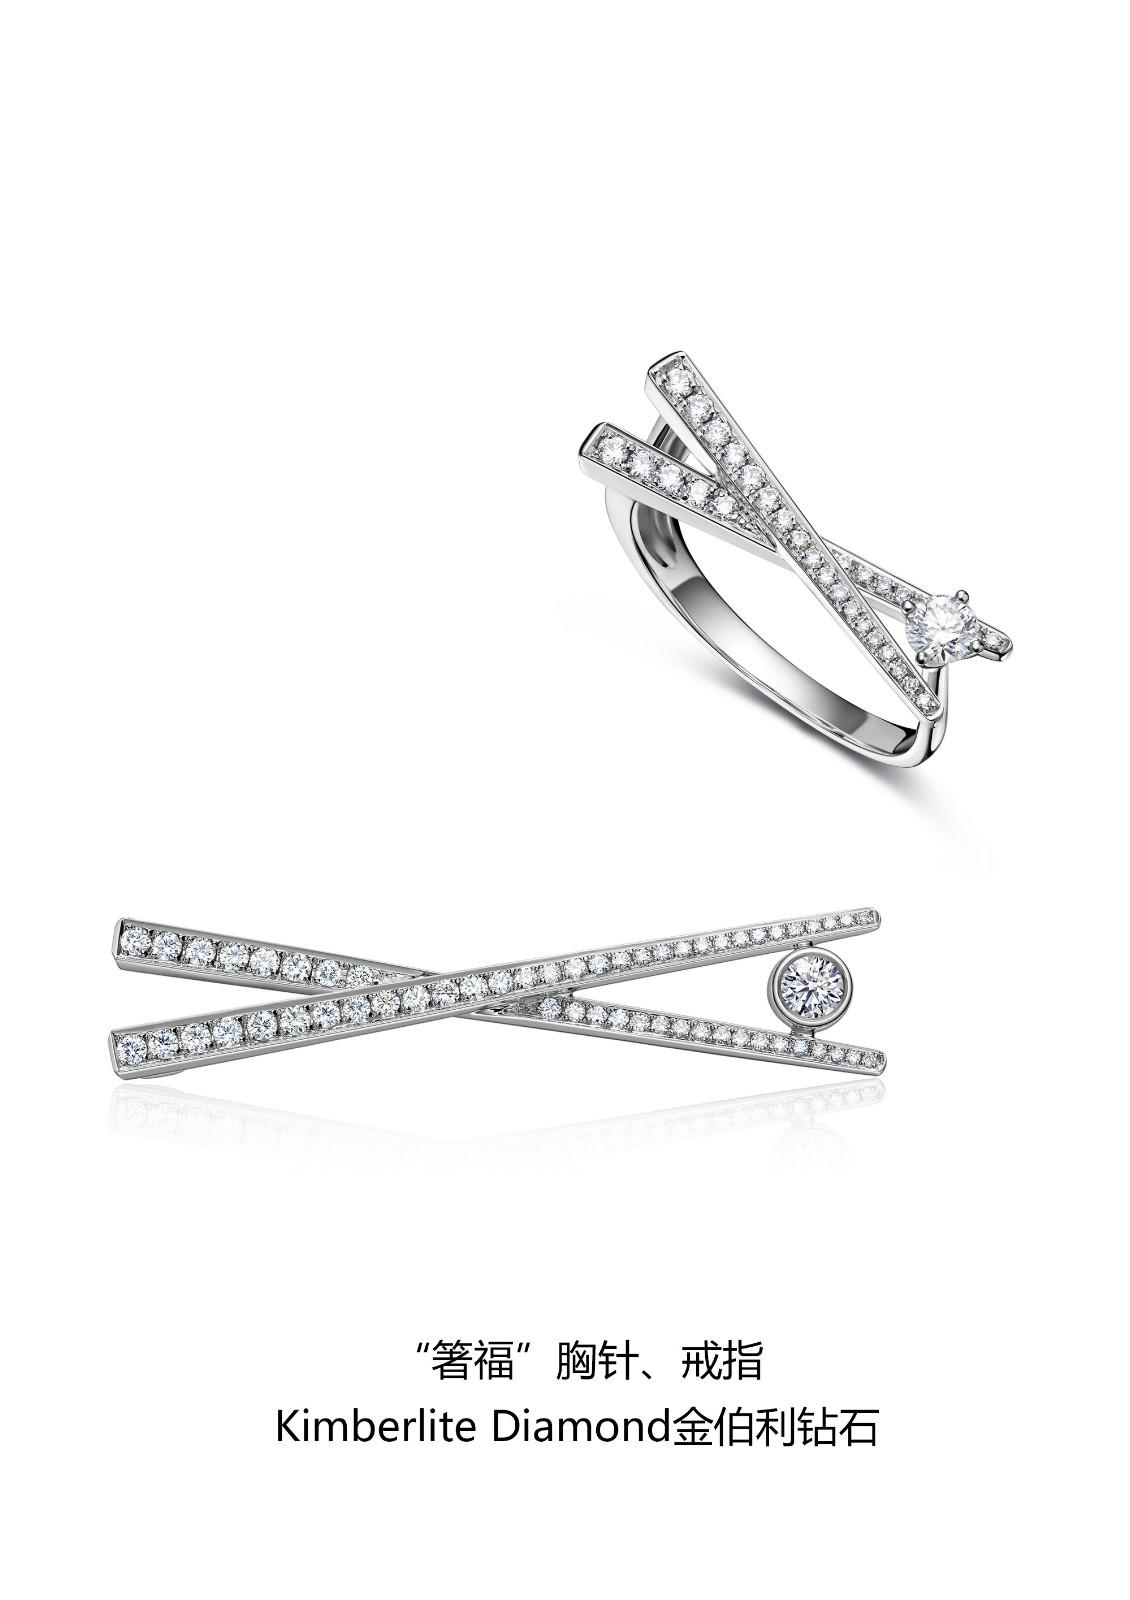 箸福高级珠宝胸针、戒指